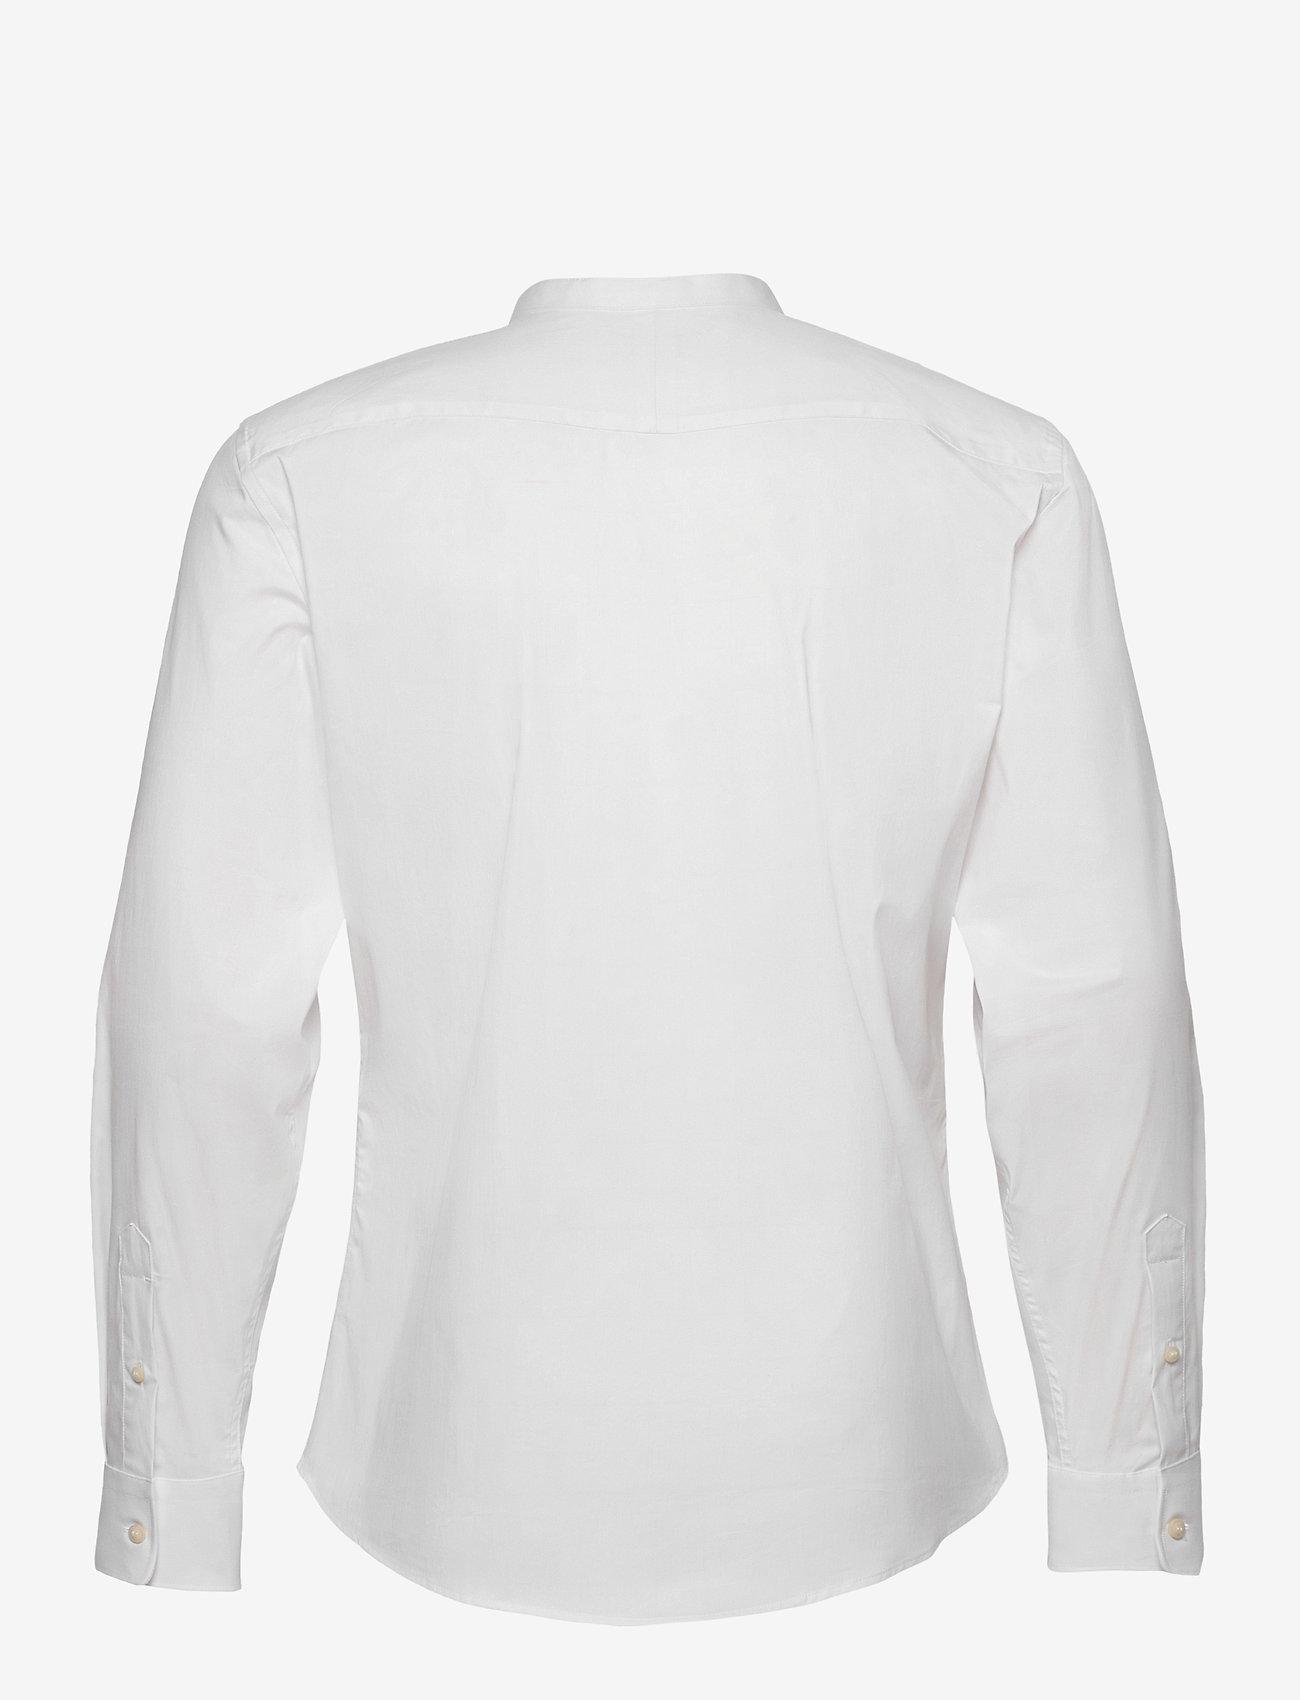 Tiger of Sweden - FORWARD - basic skjorter - pure white - 1